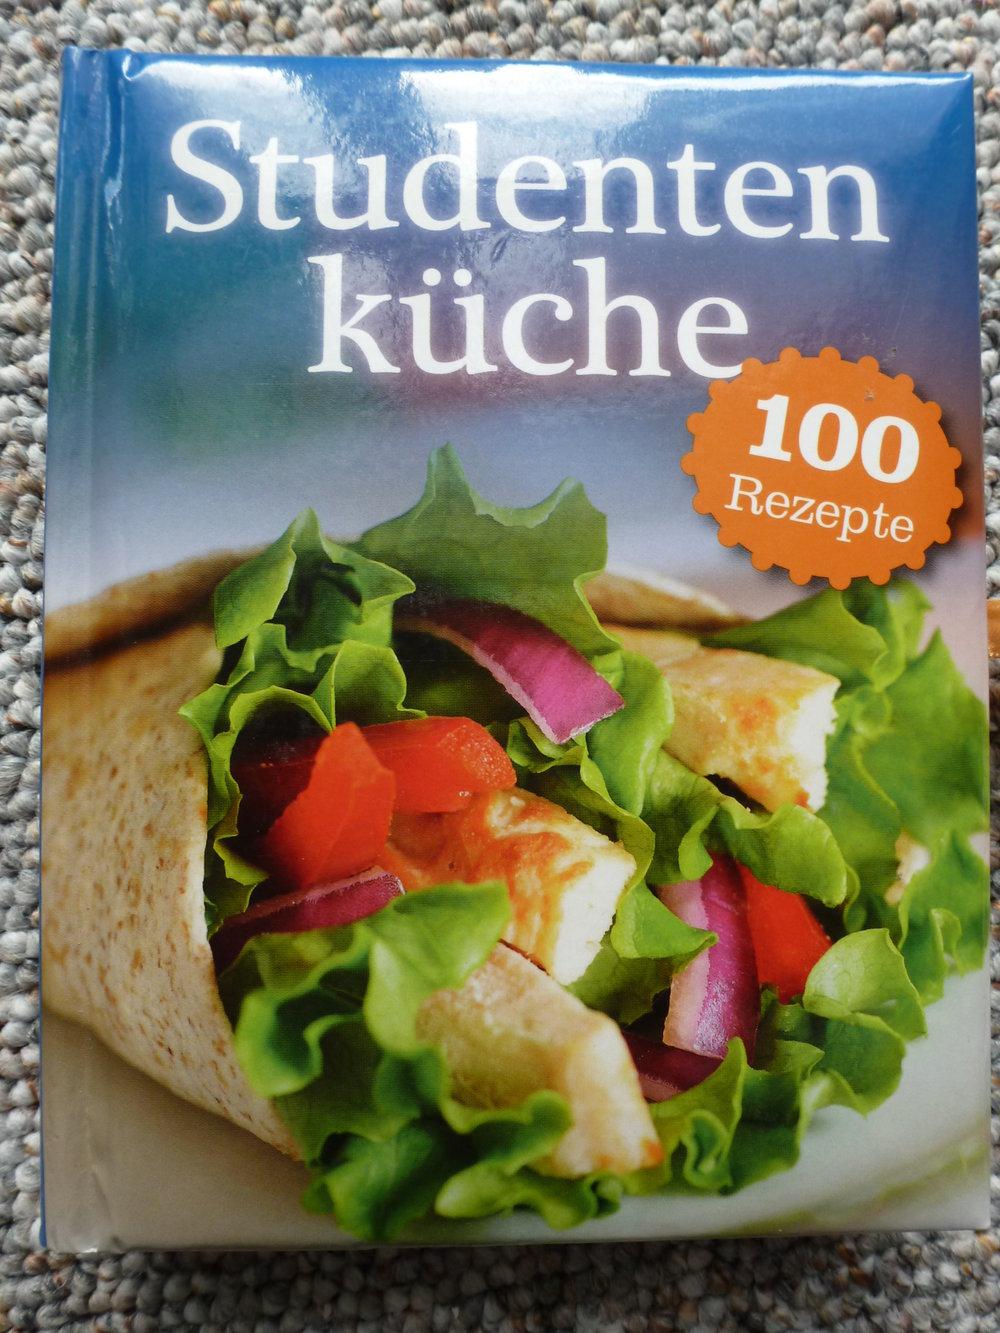 Studentenkuche 100 rezepte kleiderkorbde for Studenten küche